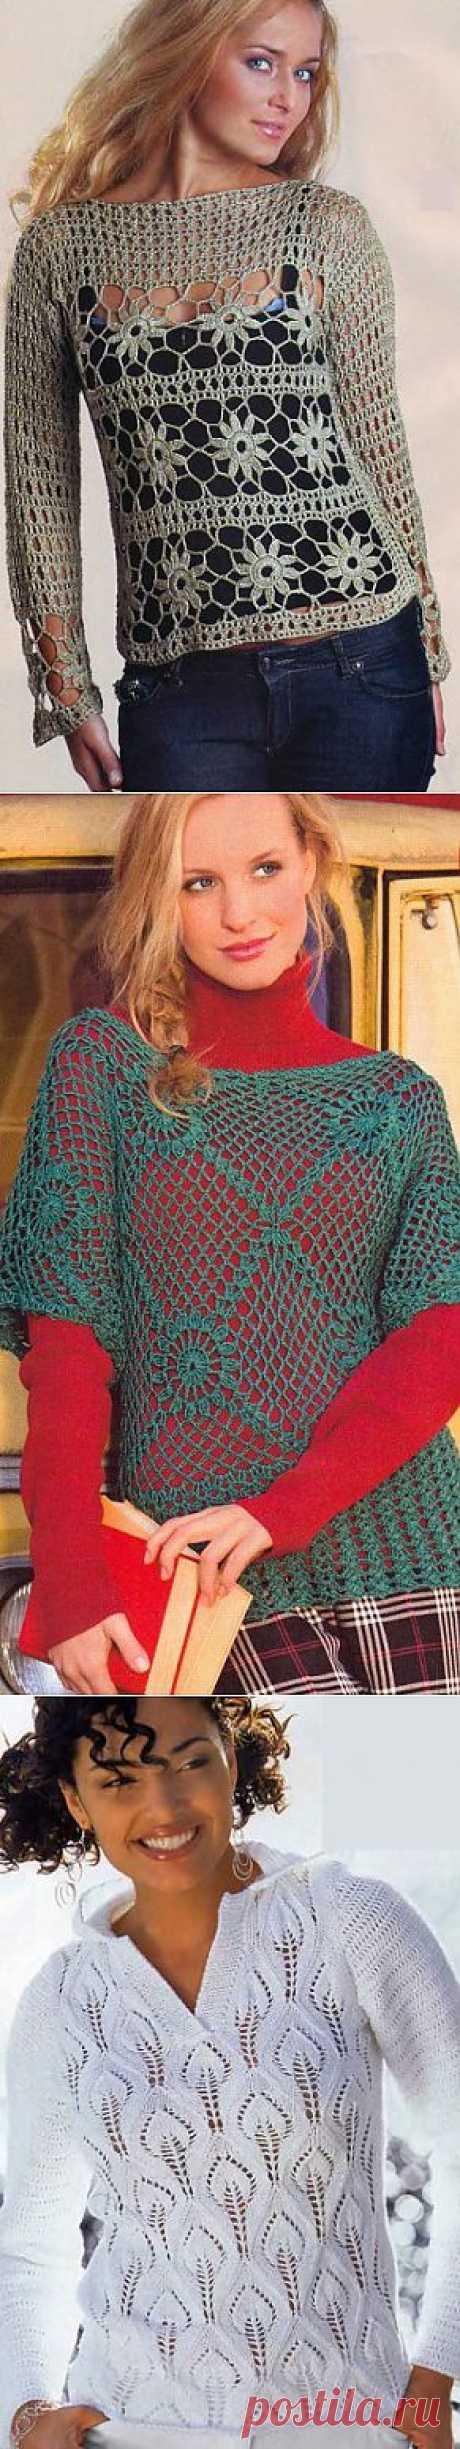 Вязаные пуловеры. Пуловер крючком - схема